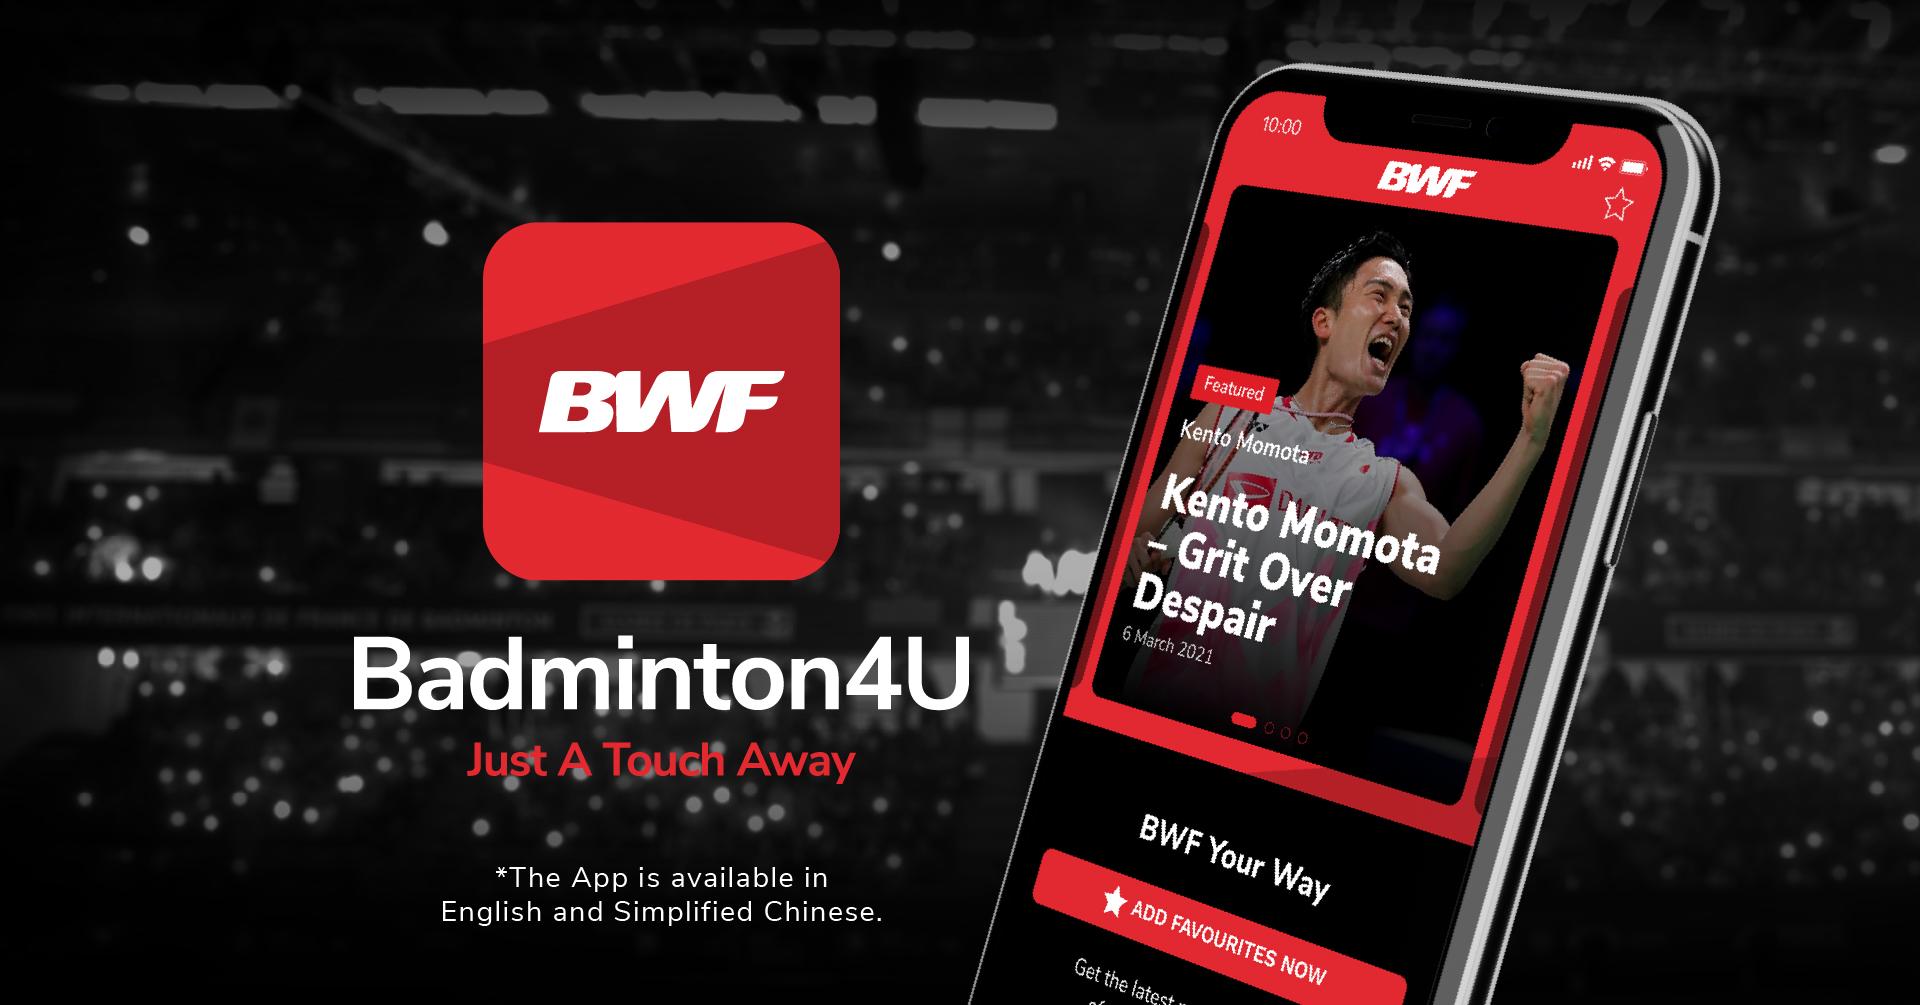 BWF's Badminton4U App is Coming Soon